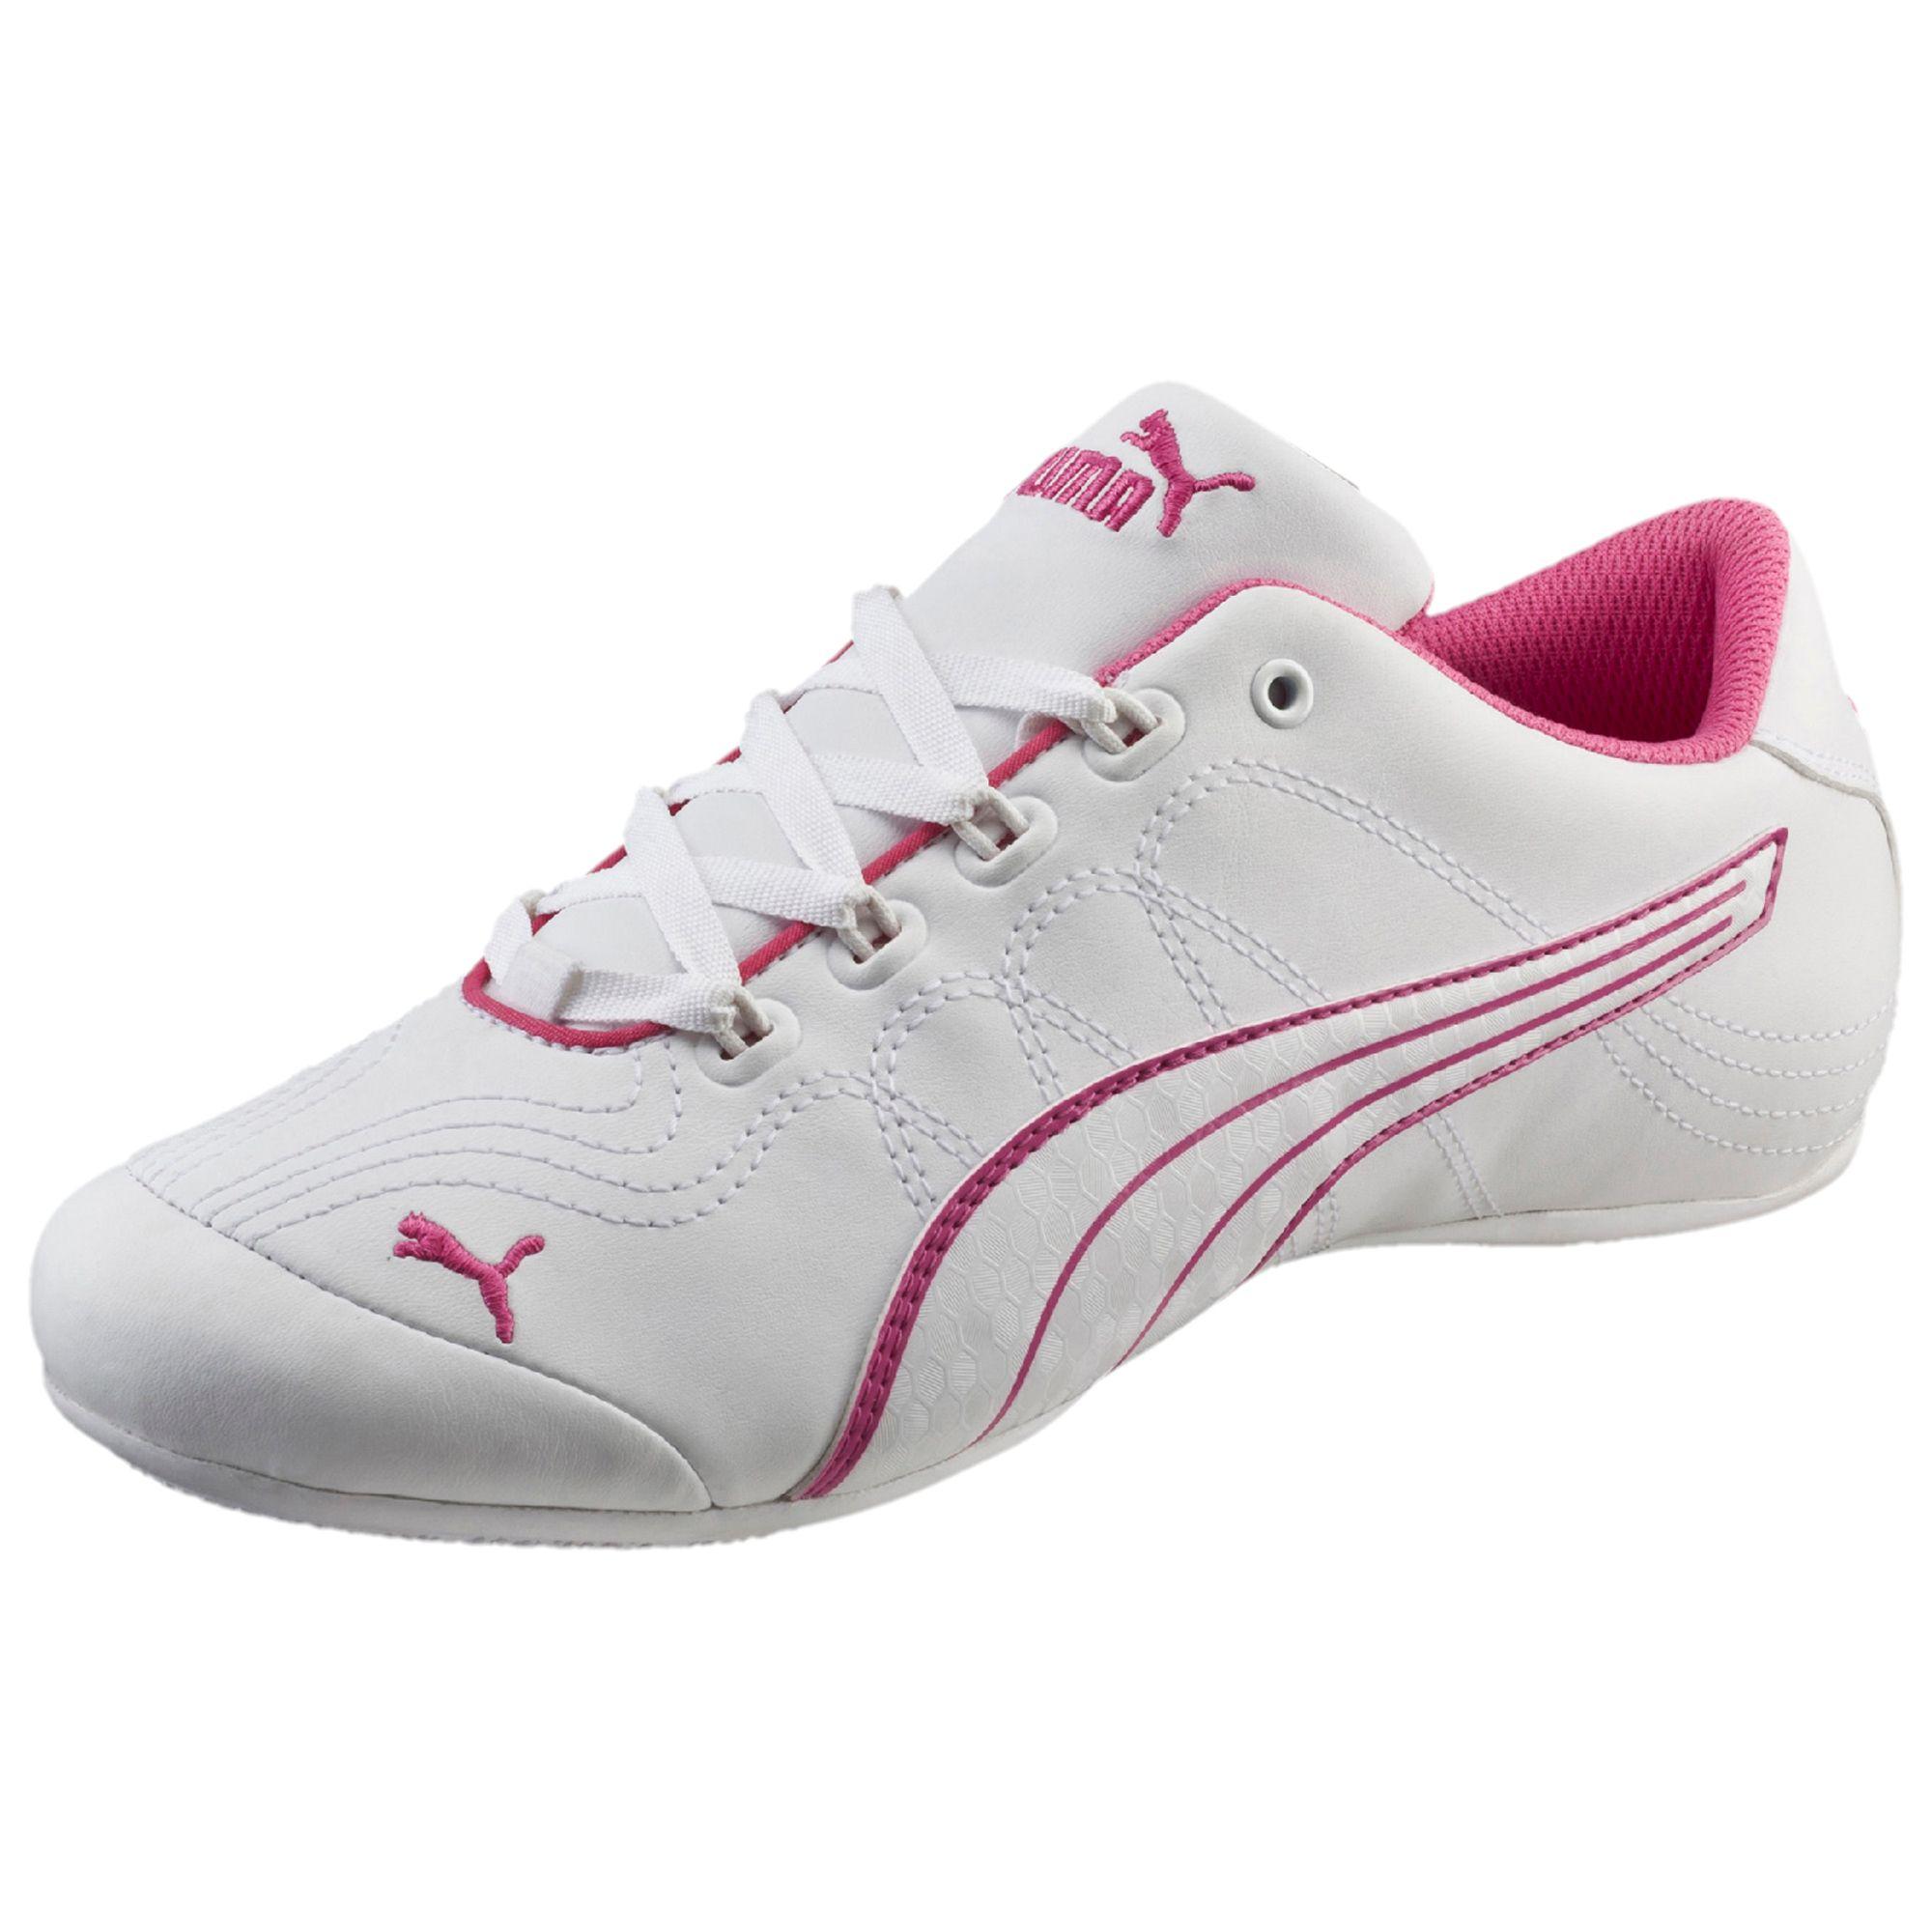 Puma Soleil Comfort Fun Women Sneakers